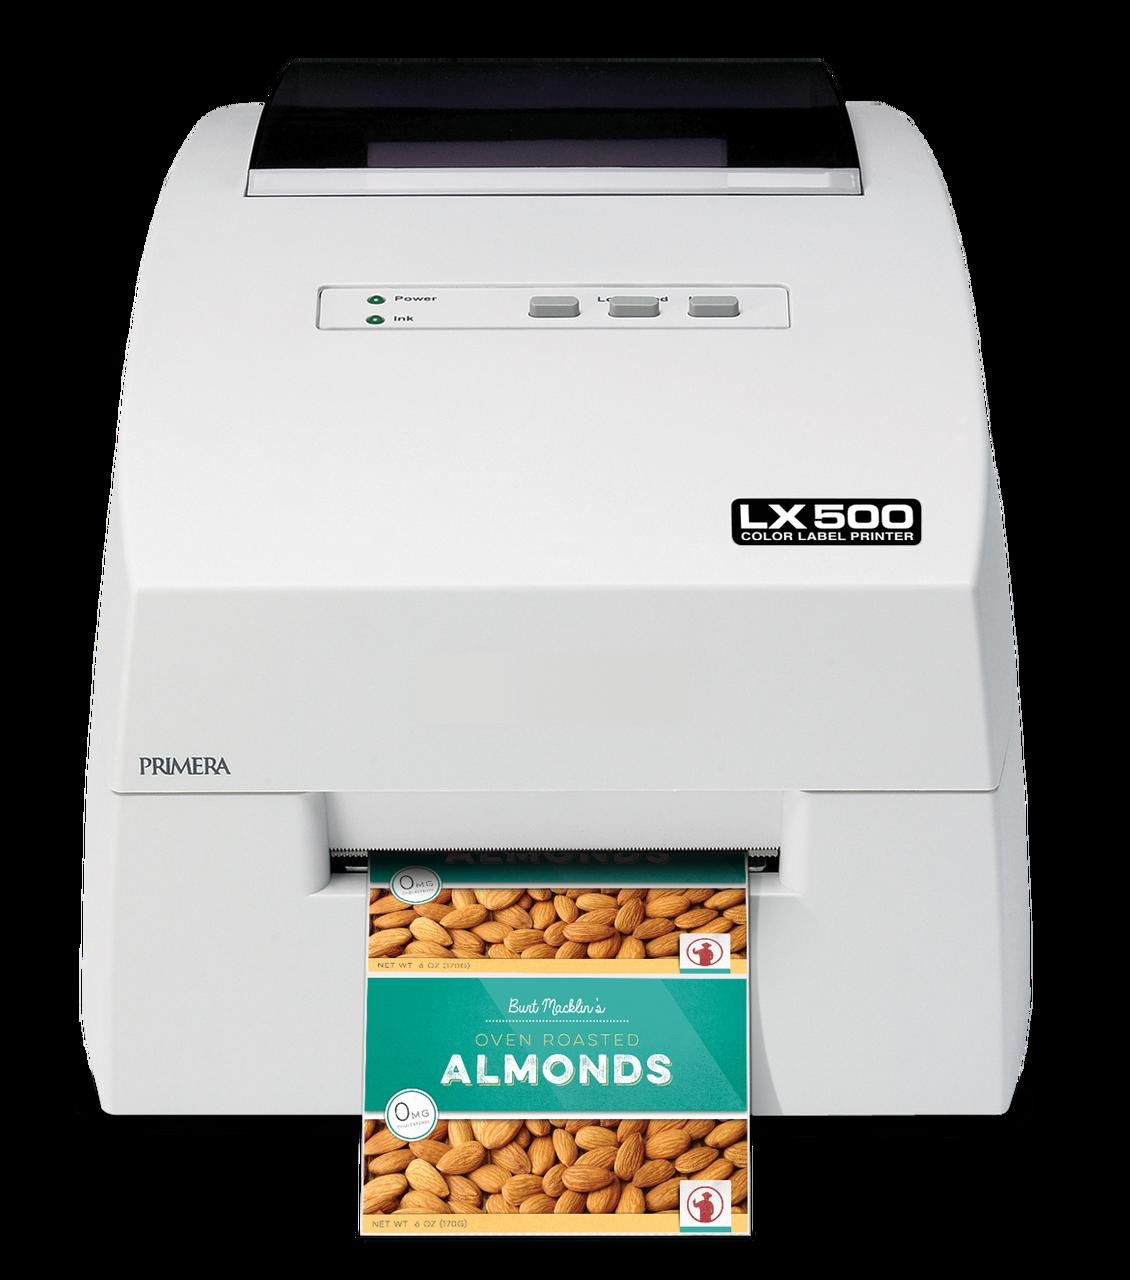 Primera LX500 Color Label Printer 74273